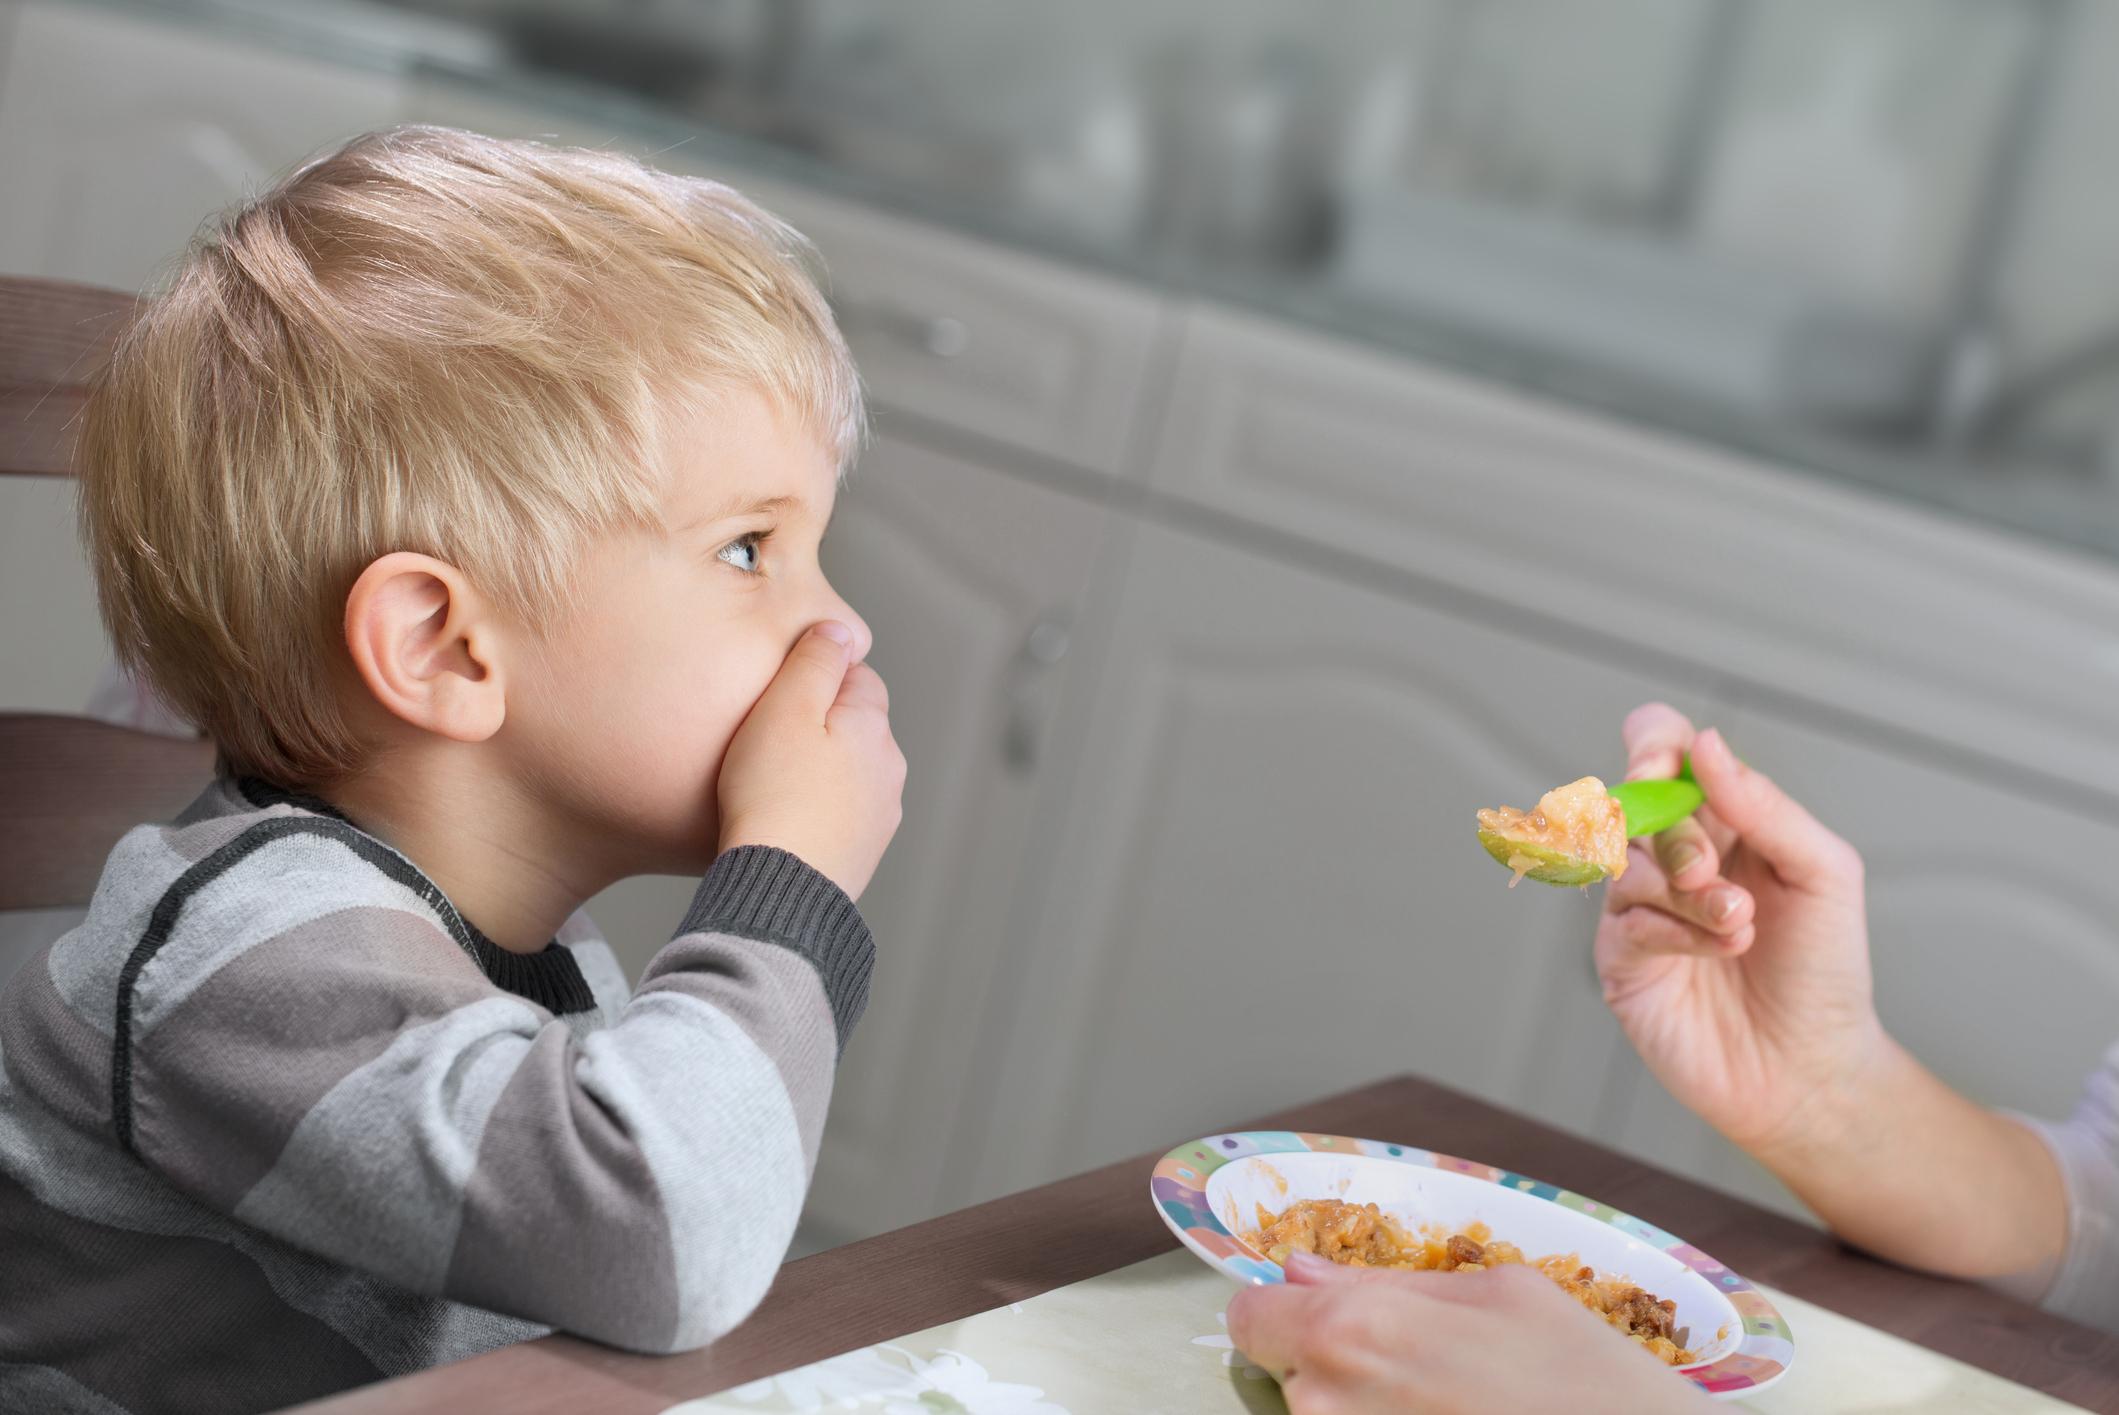 20 лайфхаков о том, как приучить ребенка к овощам и фруктам (личный опыт) - материнство